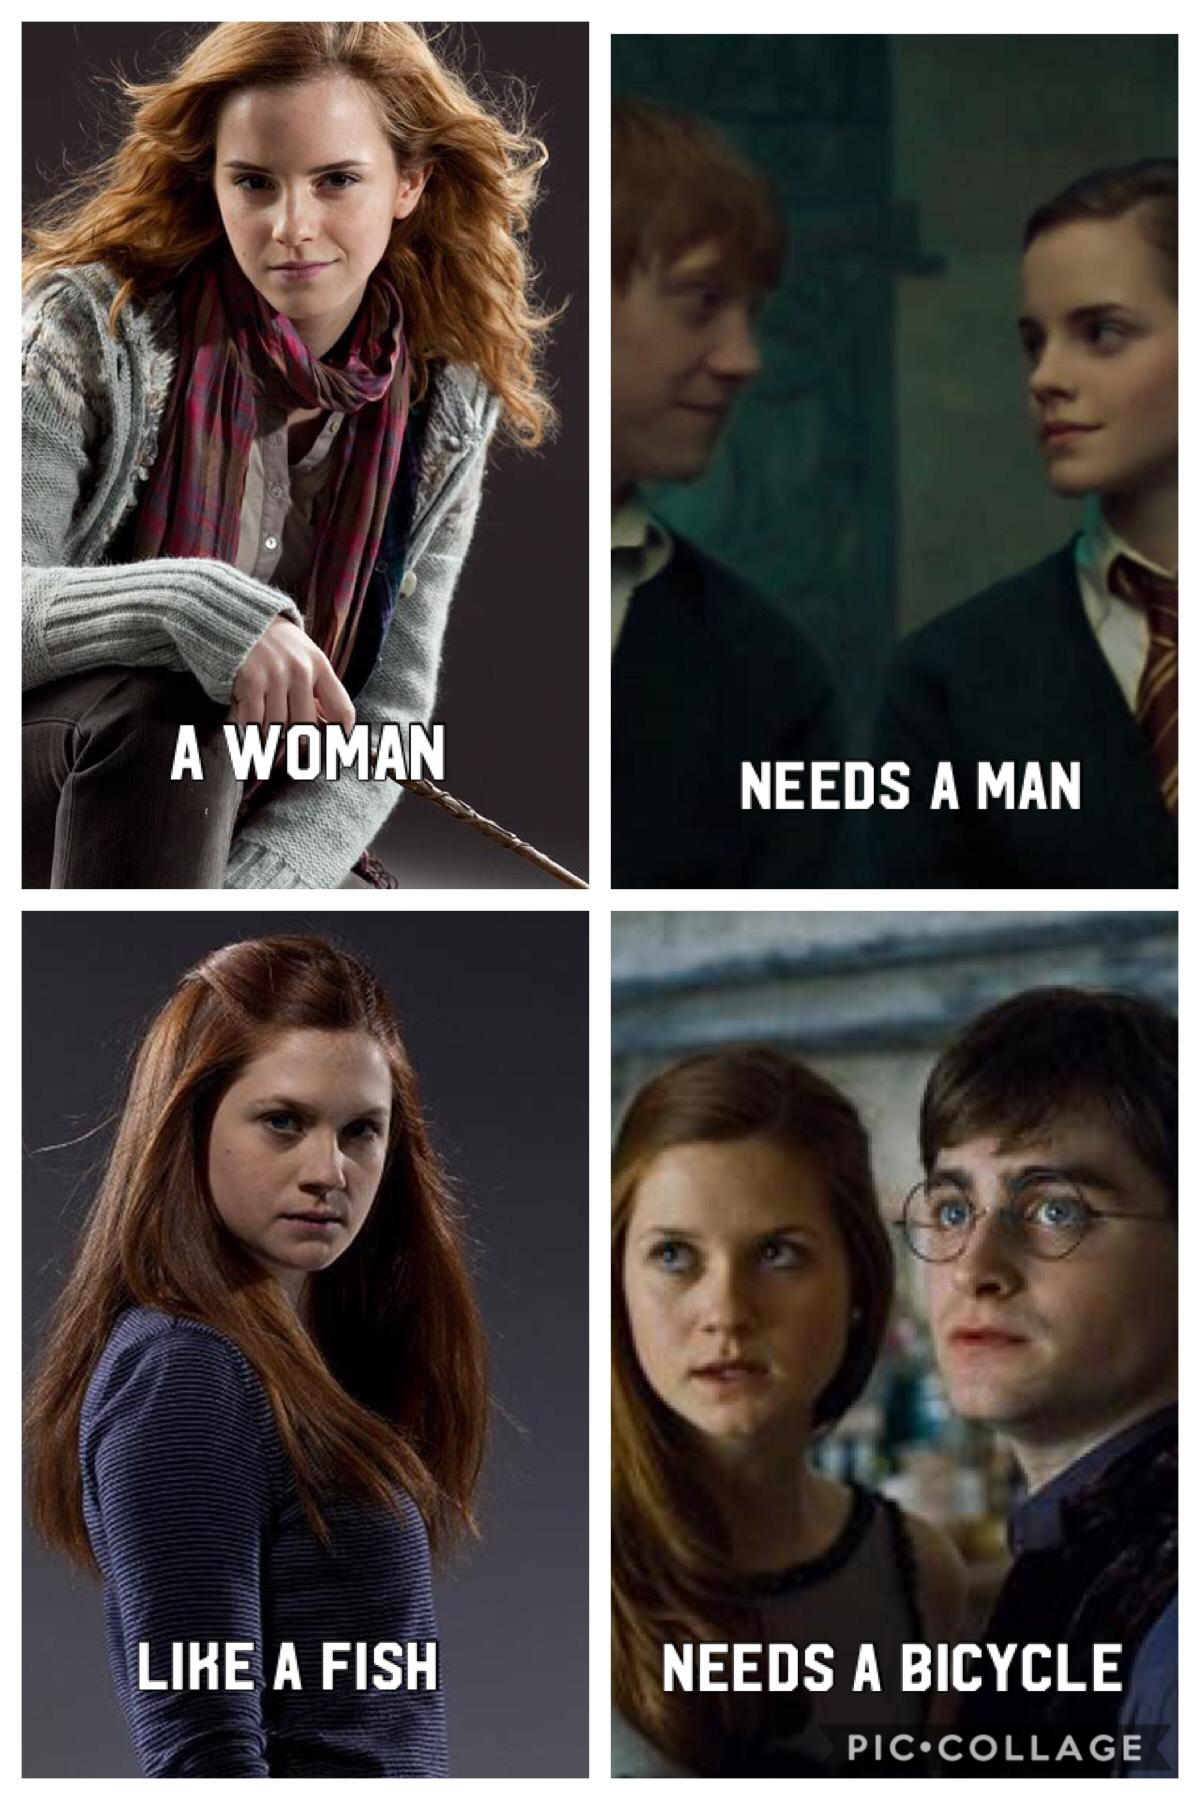 Pin By Prerana On Things Harry Potter Jokes Harry Potter Characters Harry Potter Movies